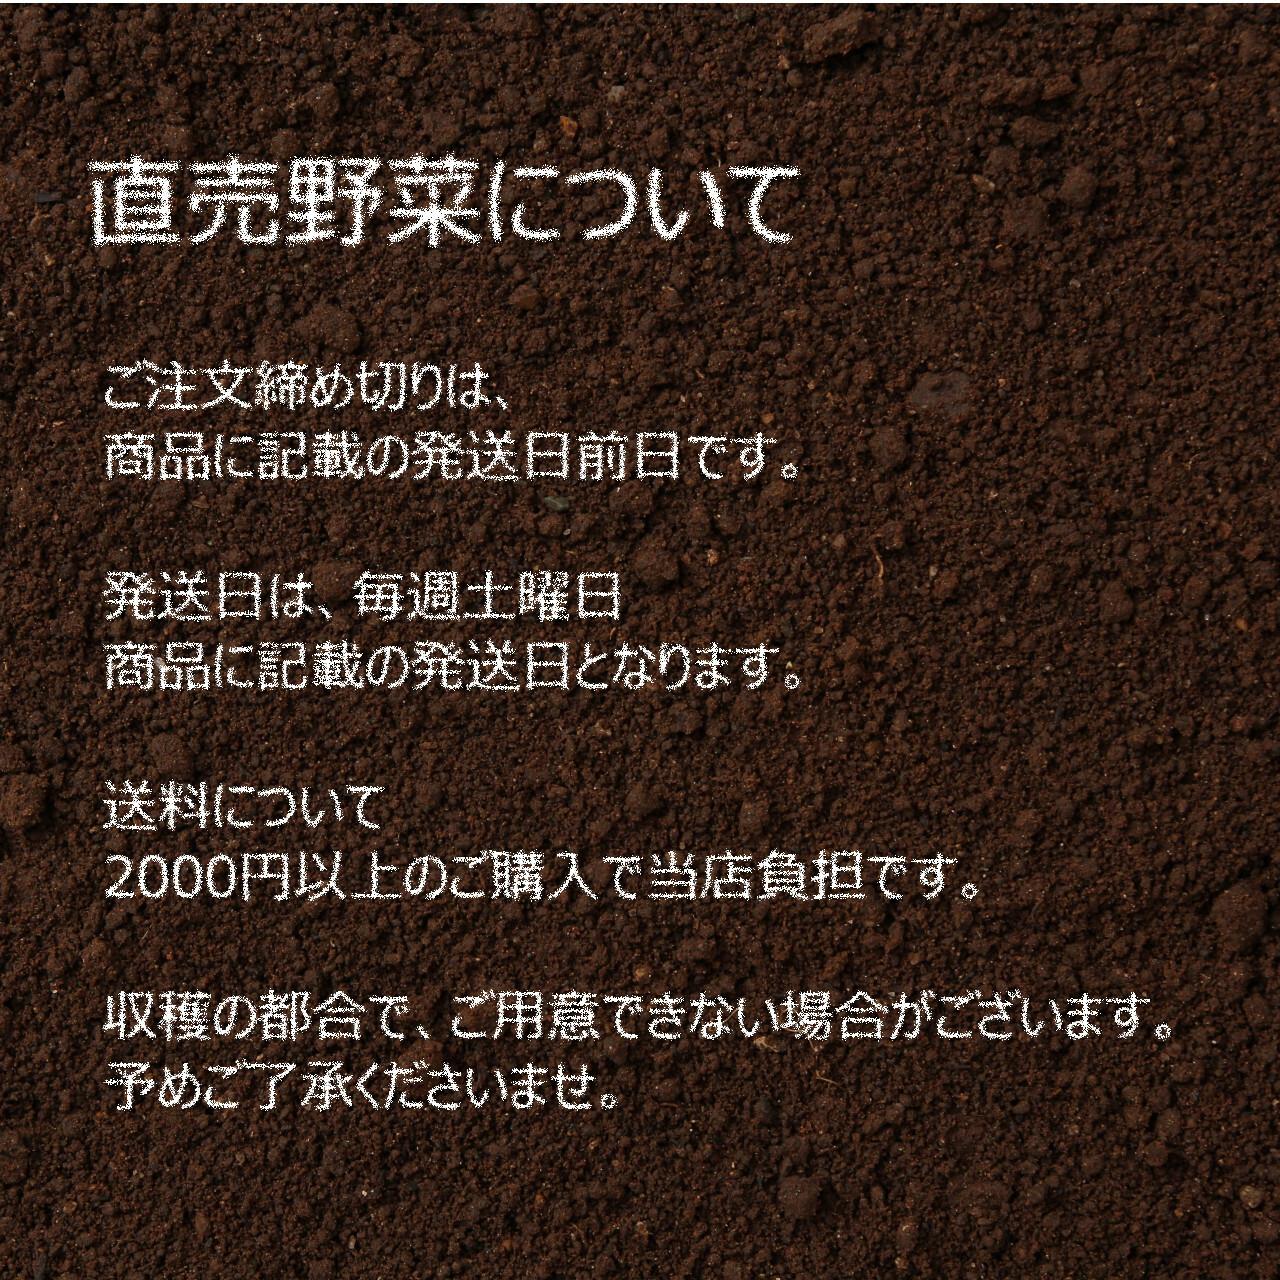 春の新鮮野菜 ニラ 約150g: 5月の朝採り直売野菜 5月30日発送予定